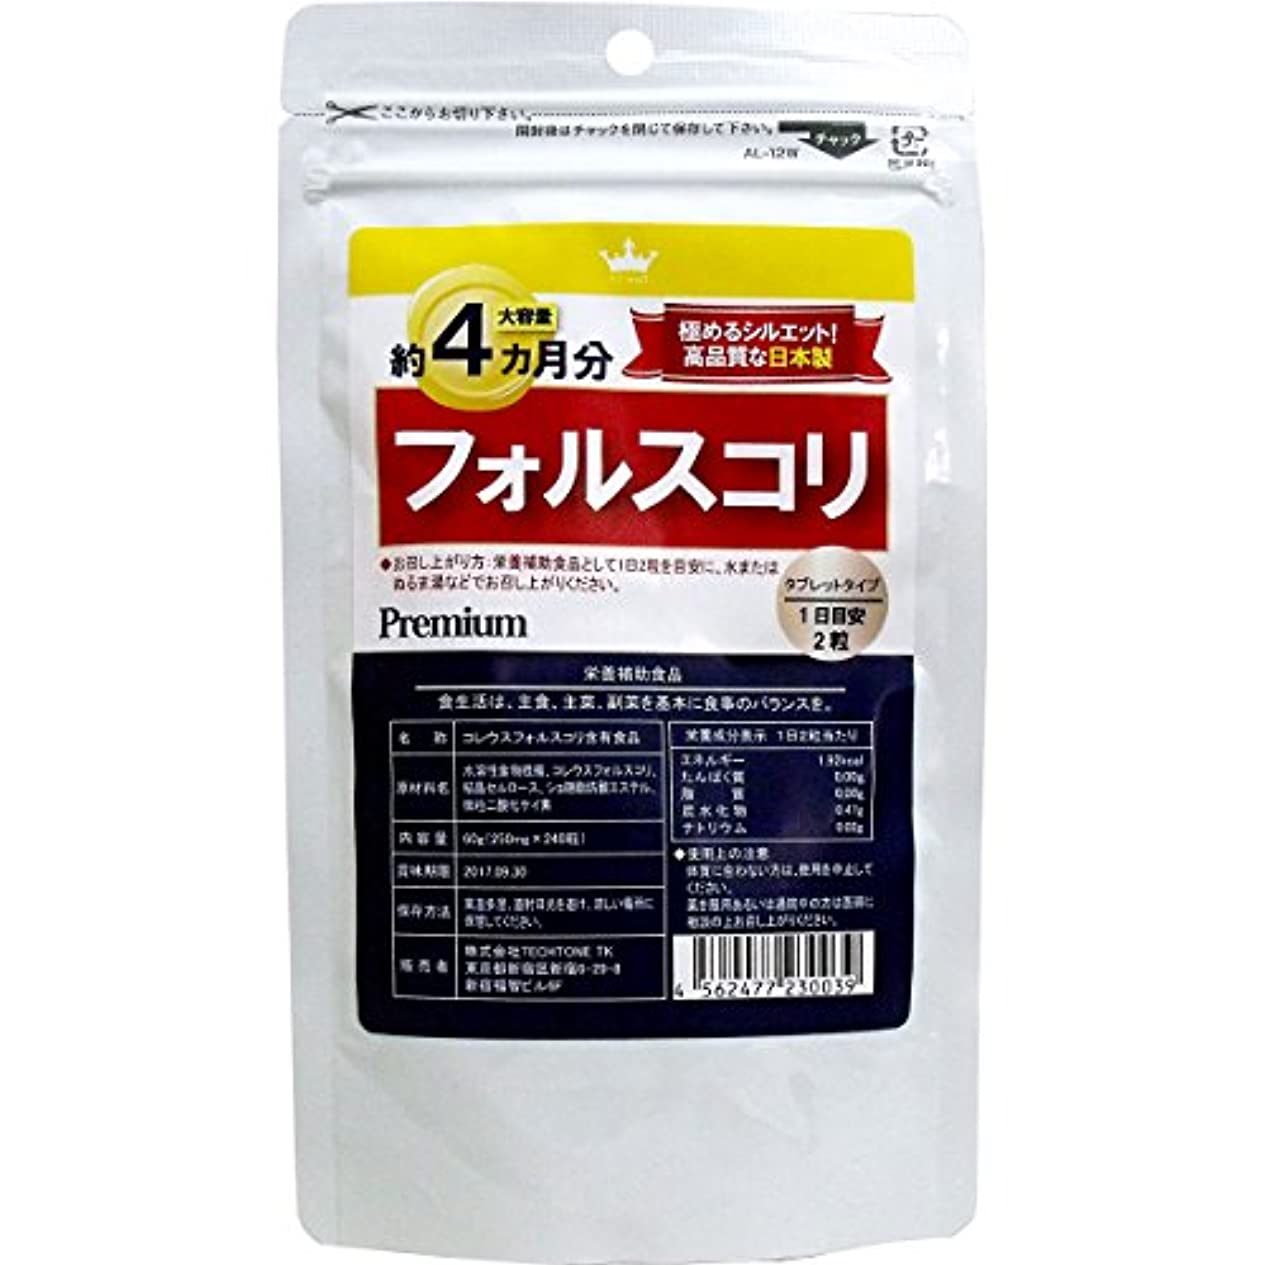 サプリメント タブレットタイプ 健康食品 フォルスコリ 約4カ月分 240粒入【4個セット】